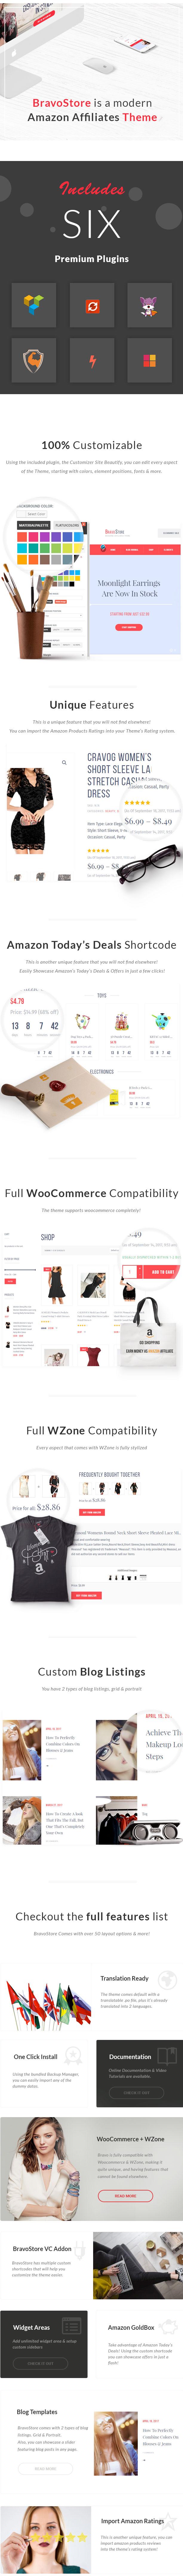 Bravo Store - WZone Affiliates Theme for WordPress - 2